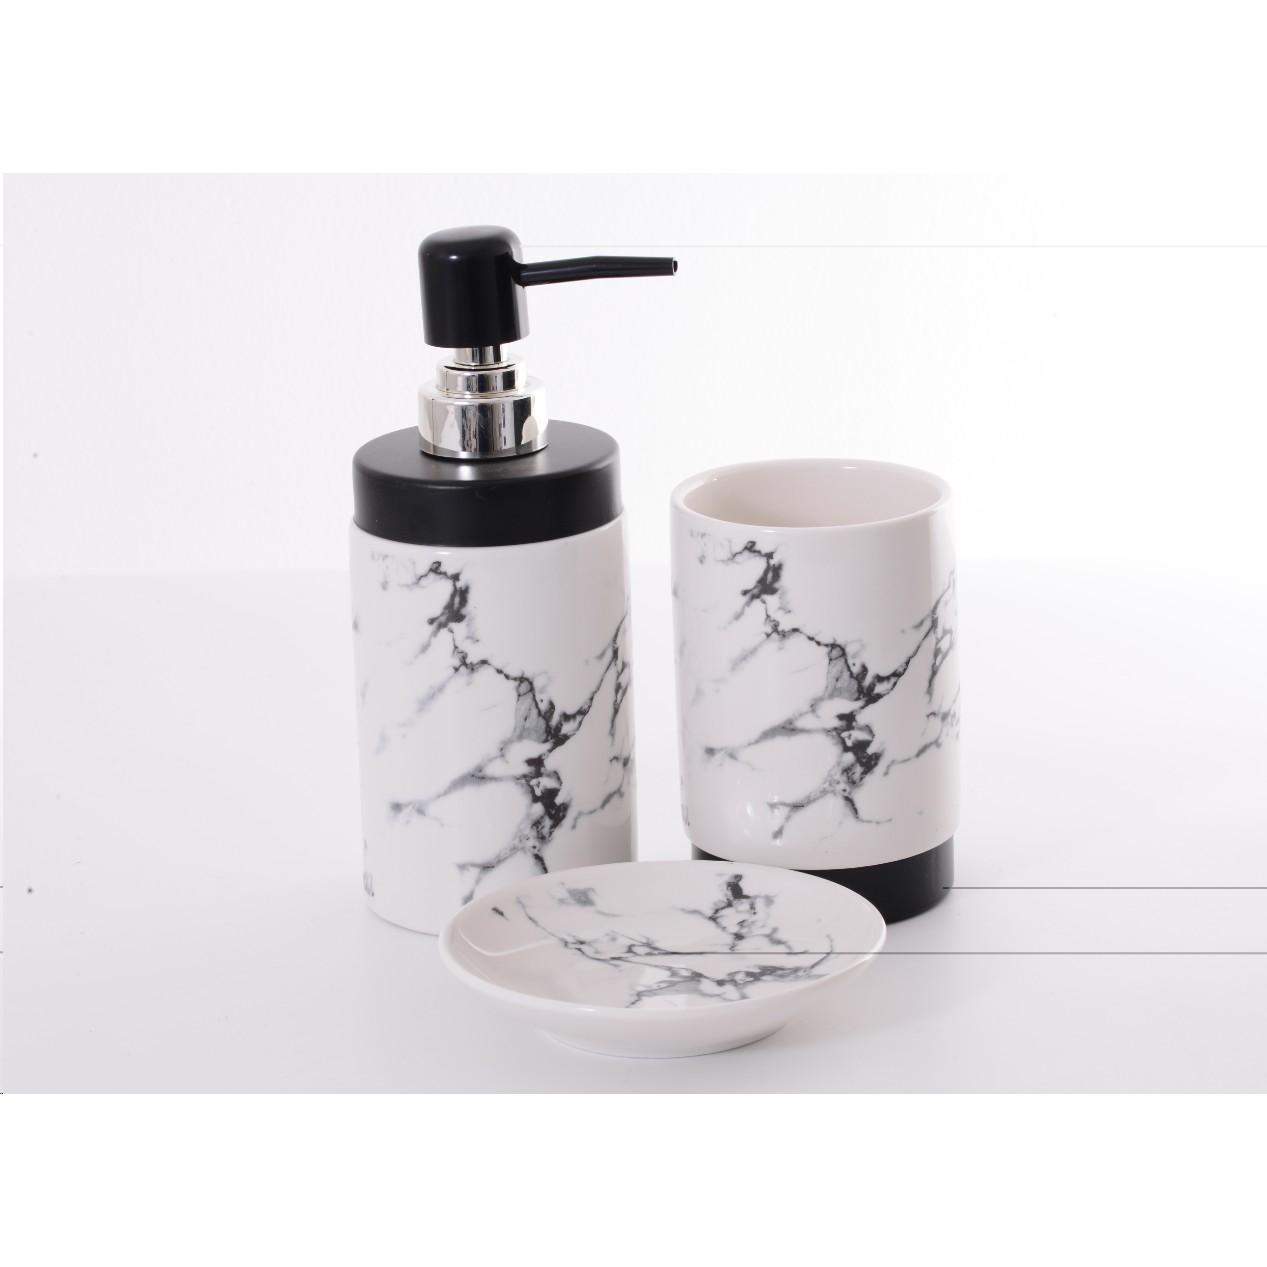 Kit de Acessorios para Banheiro 3 Pecas Ceramica - Rio de Ouro